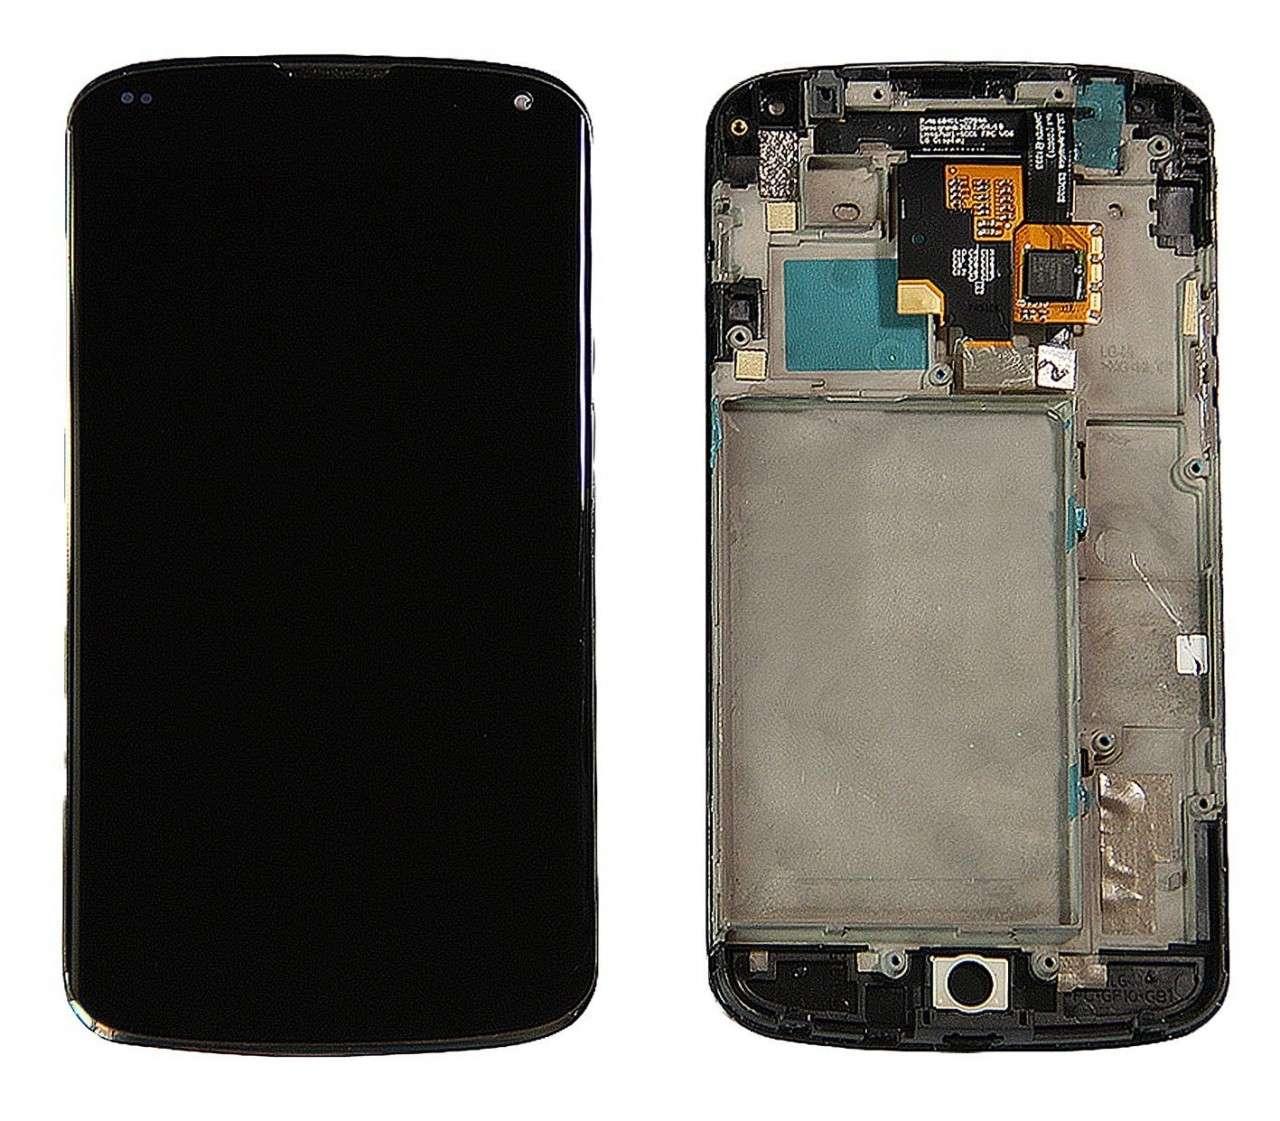 Display LG Nexus 4 E960 imagine powerlaptop.ro 2021